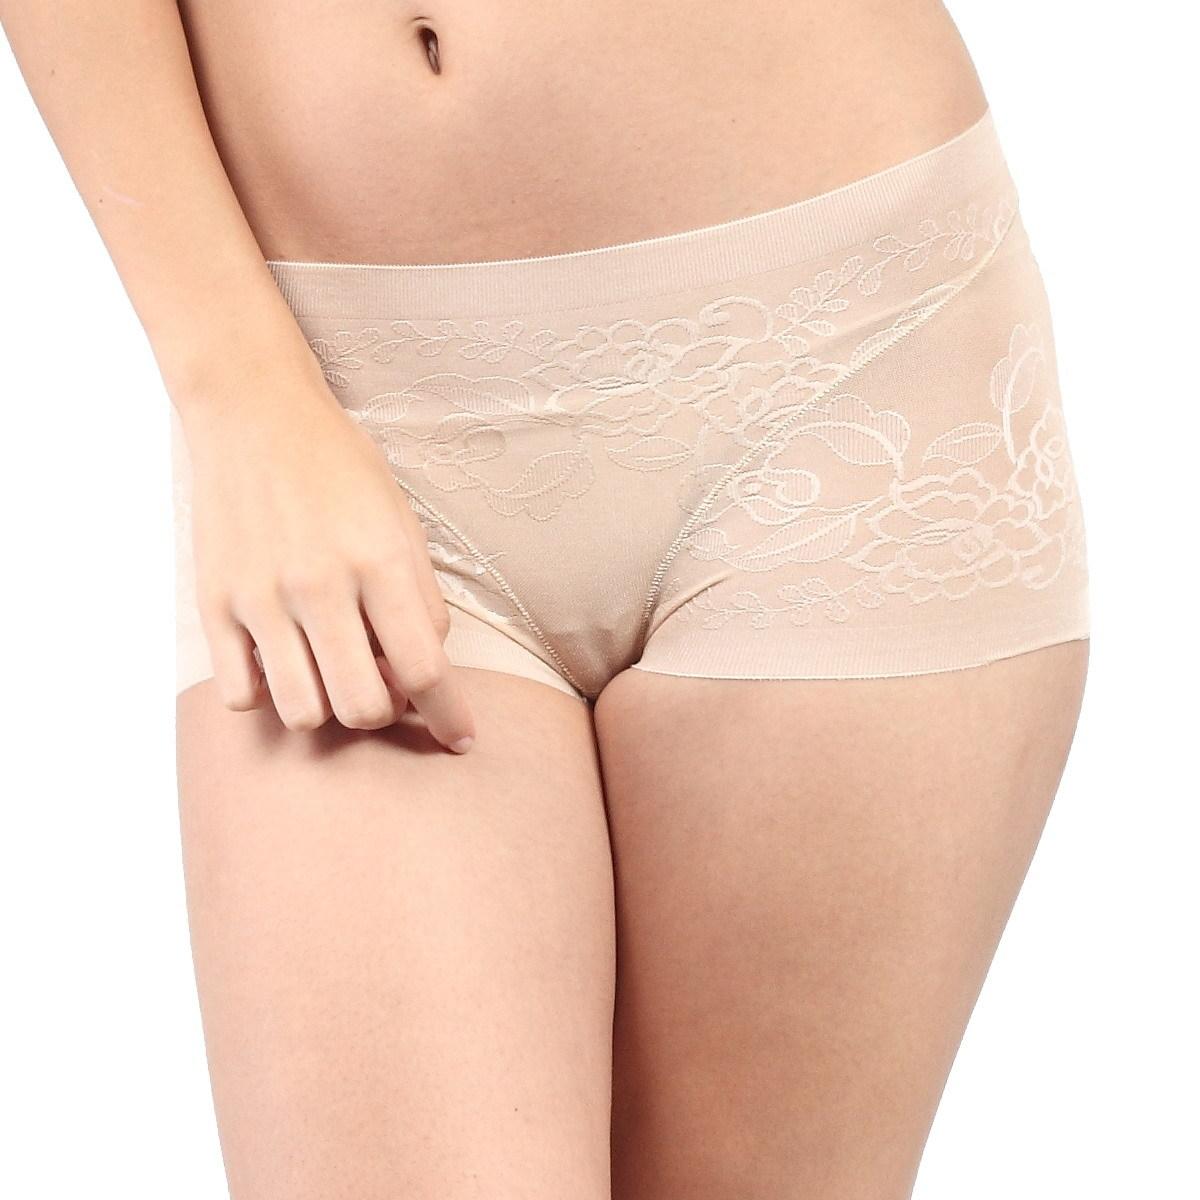 Lo que debes saber sobre la lencería erótica. Al contrario de lo que parece, la lencería erótica no es una invención moderna. A lo largo de la historia, estas prendas, mucho más rudimentarias que las actuales, han perseguido desatar pasiones a su alrededor.